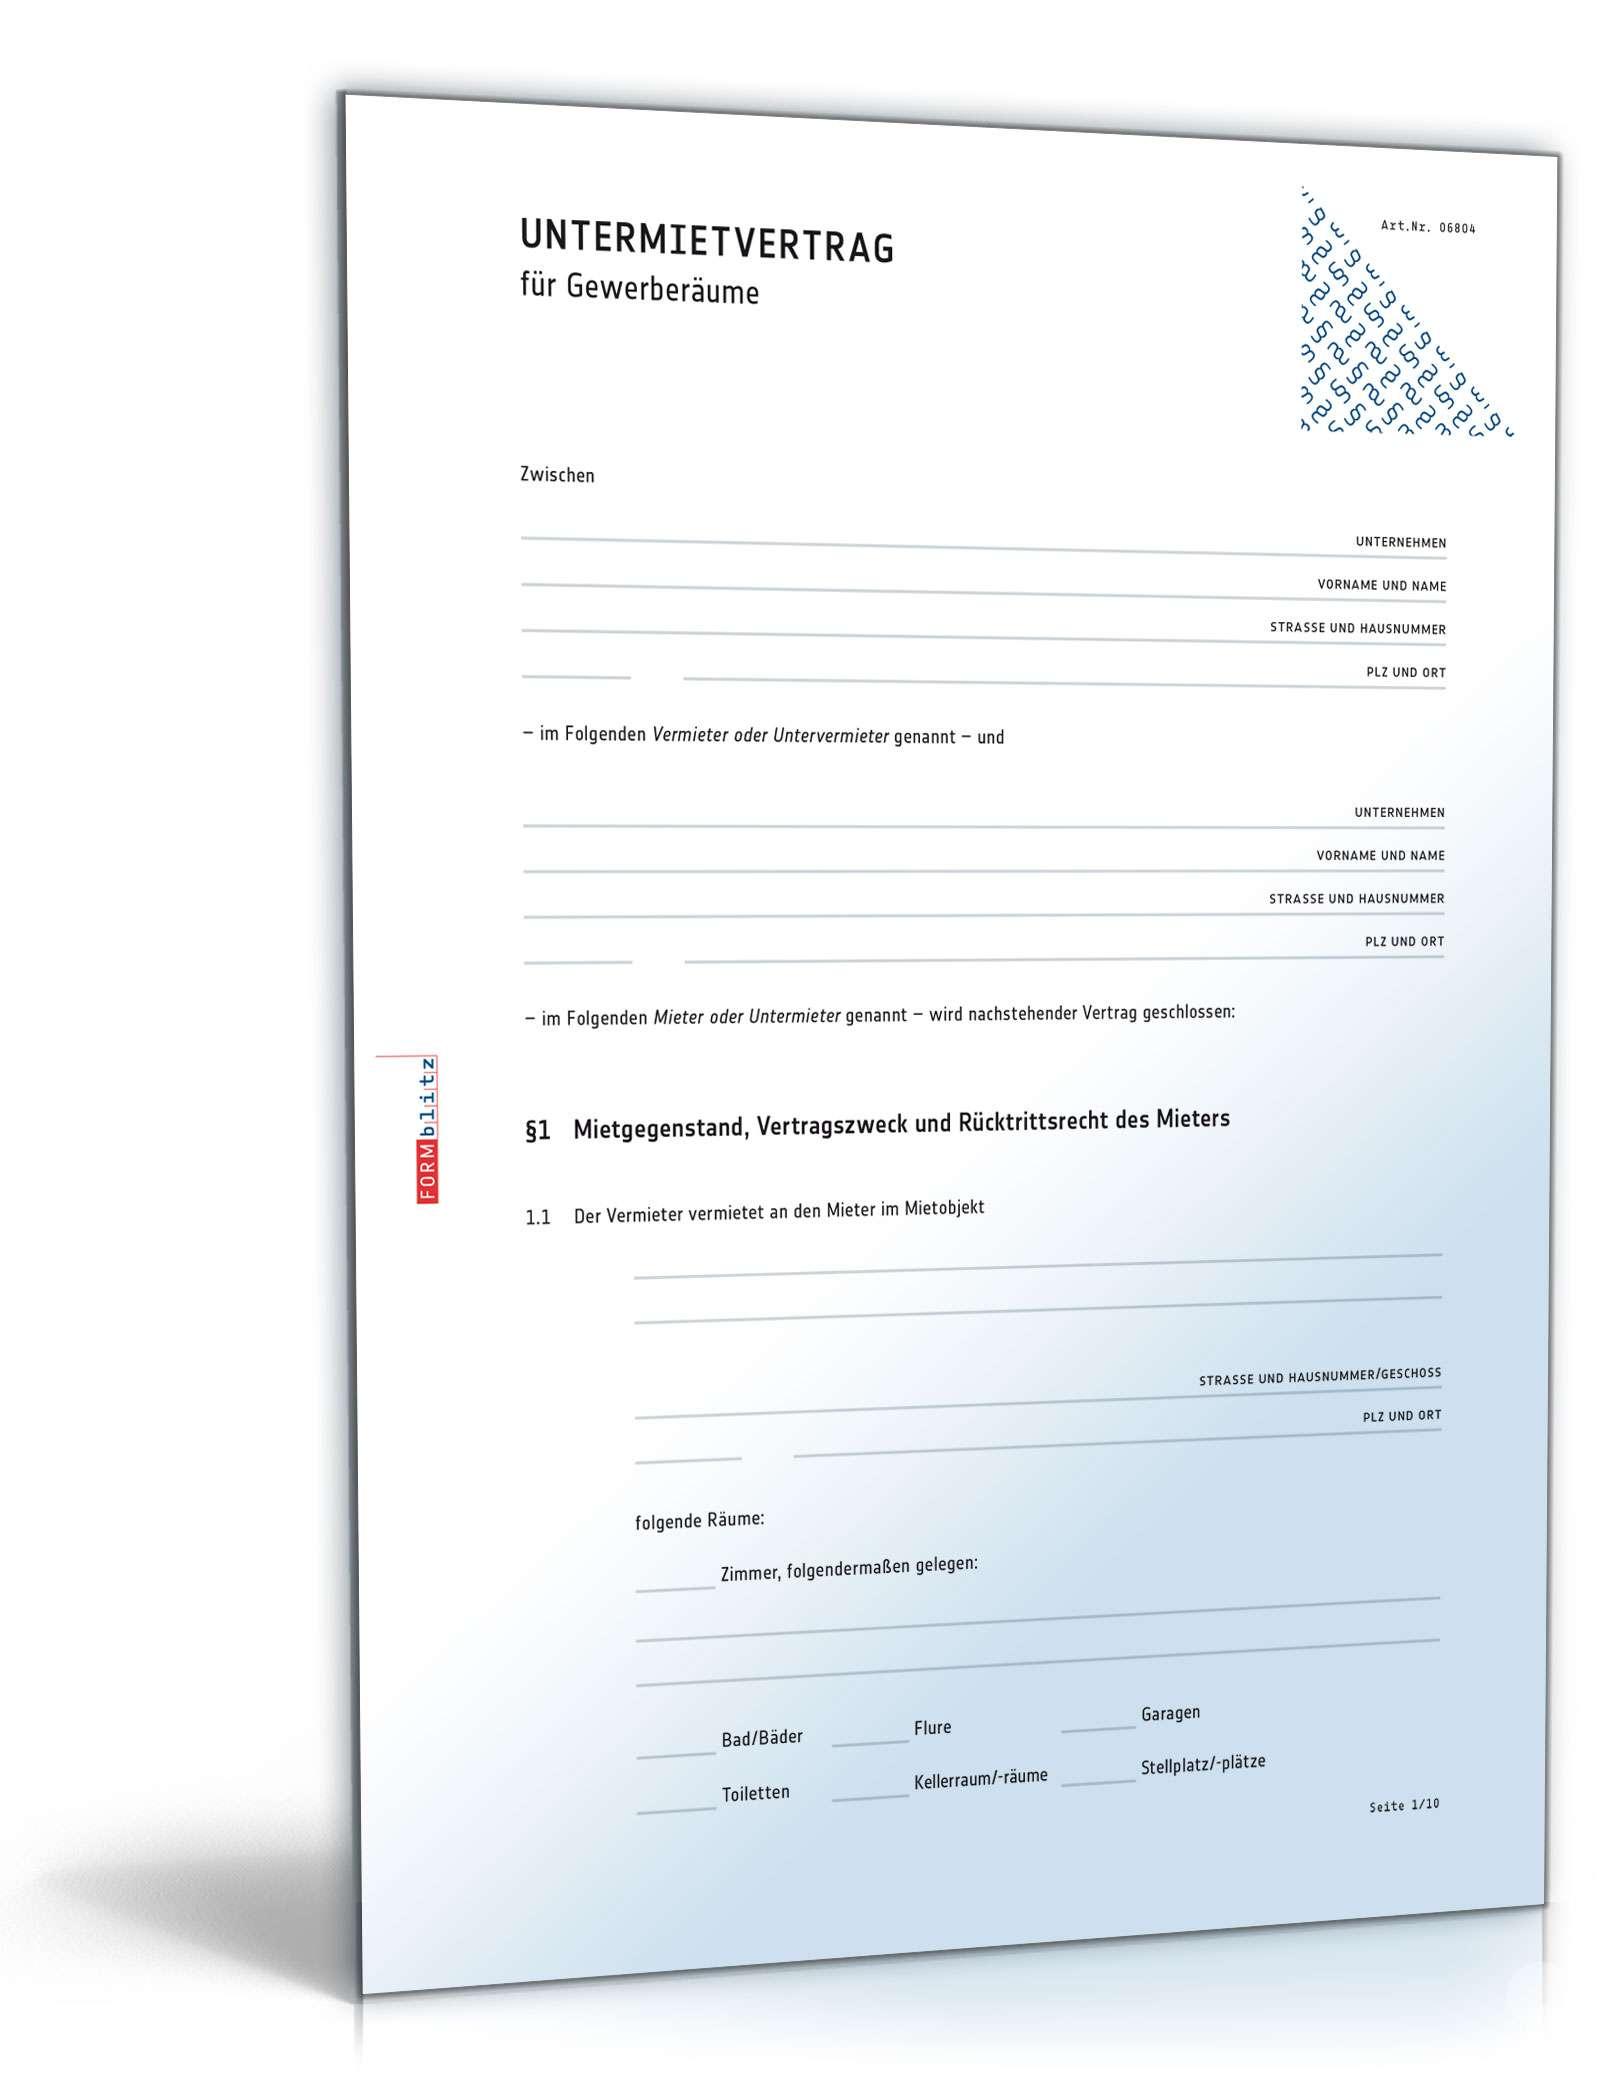 untermietvertrag fr gewerberume muster vorlage zum download - Muster Untermietvertrag